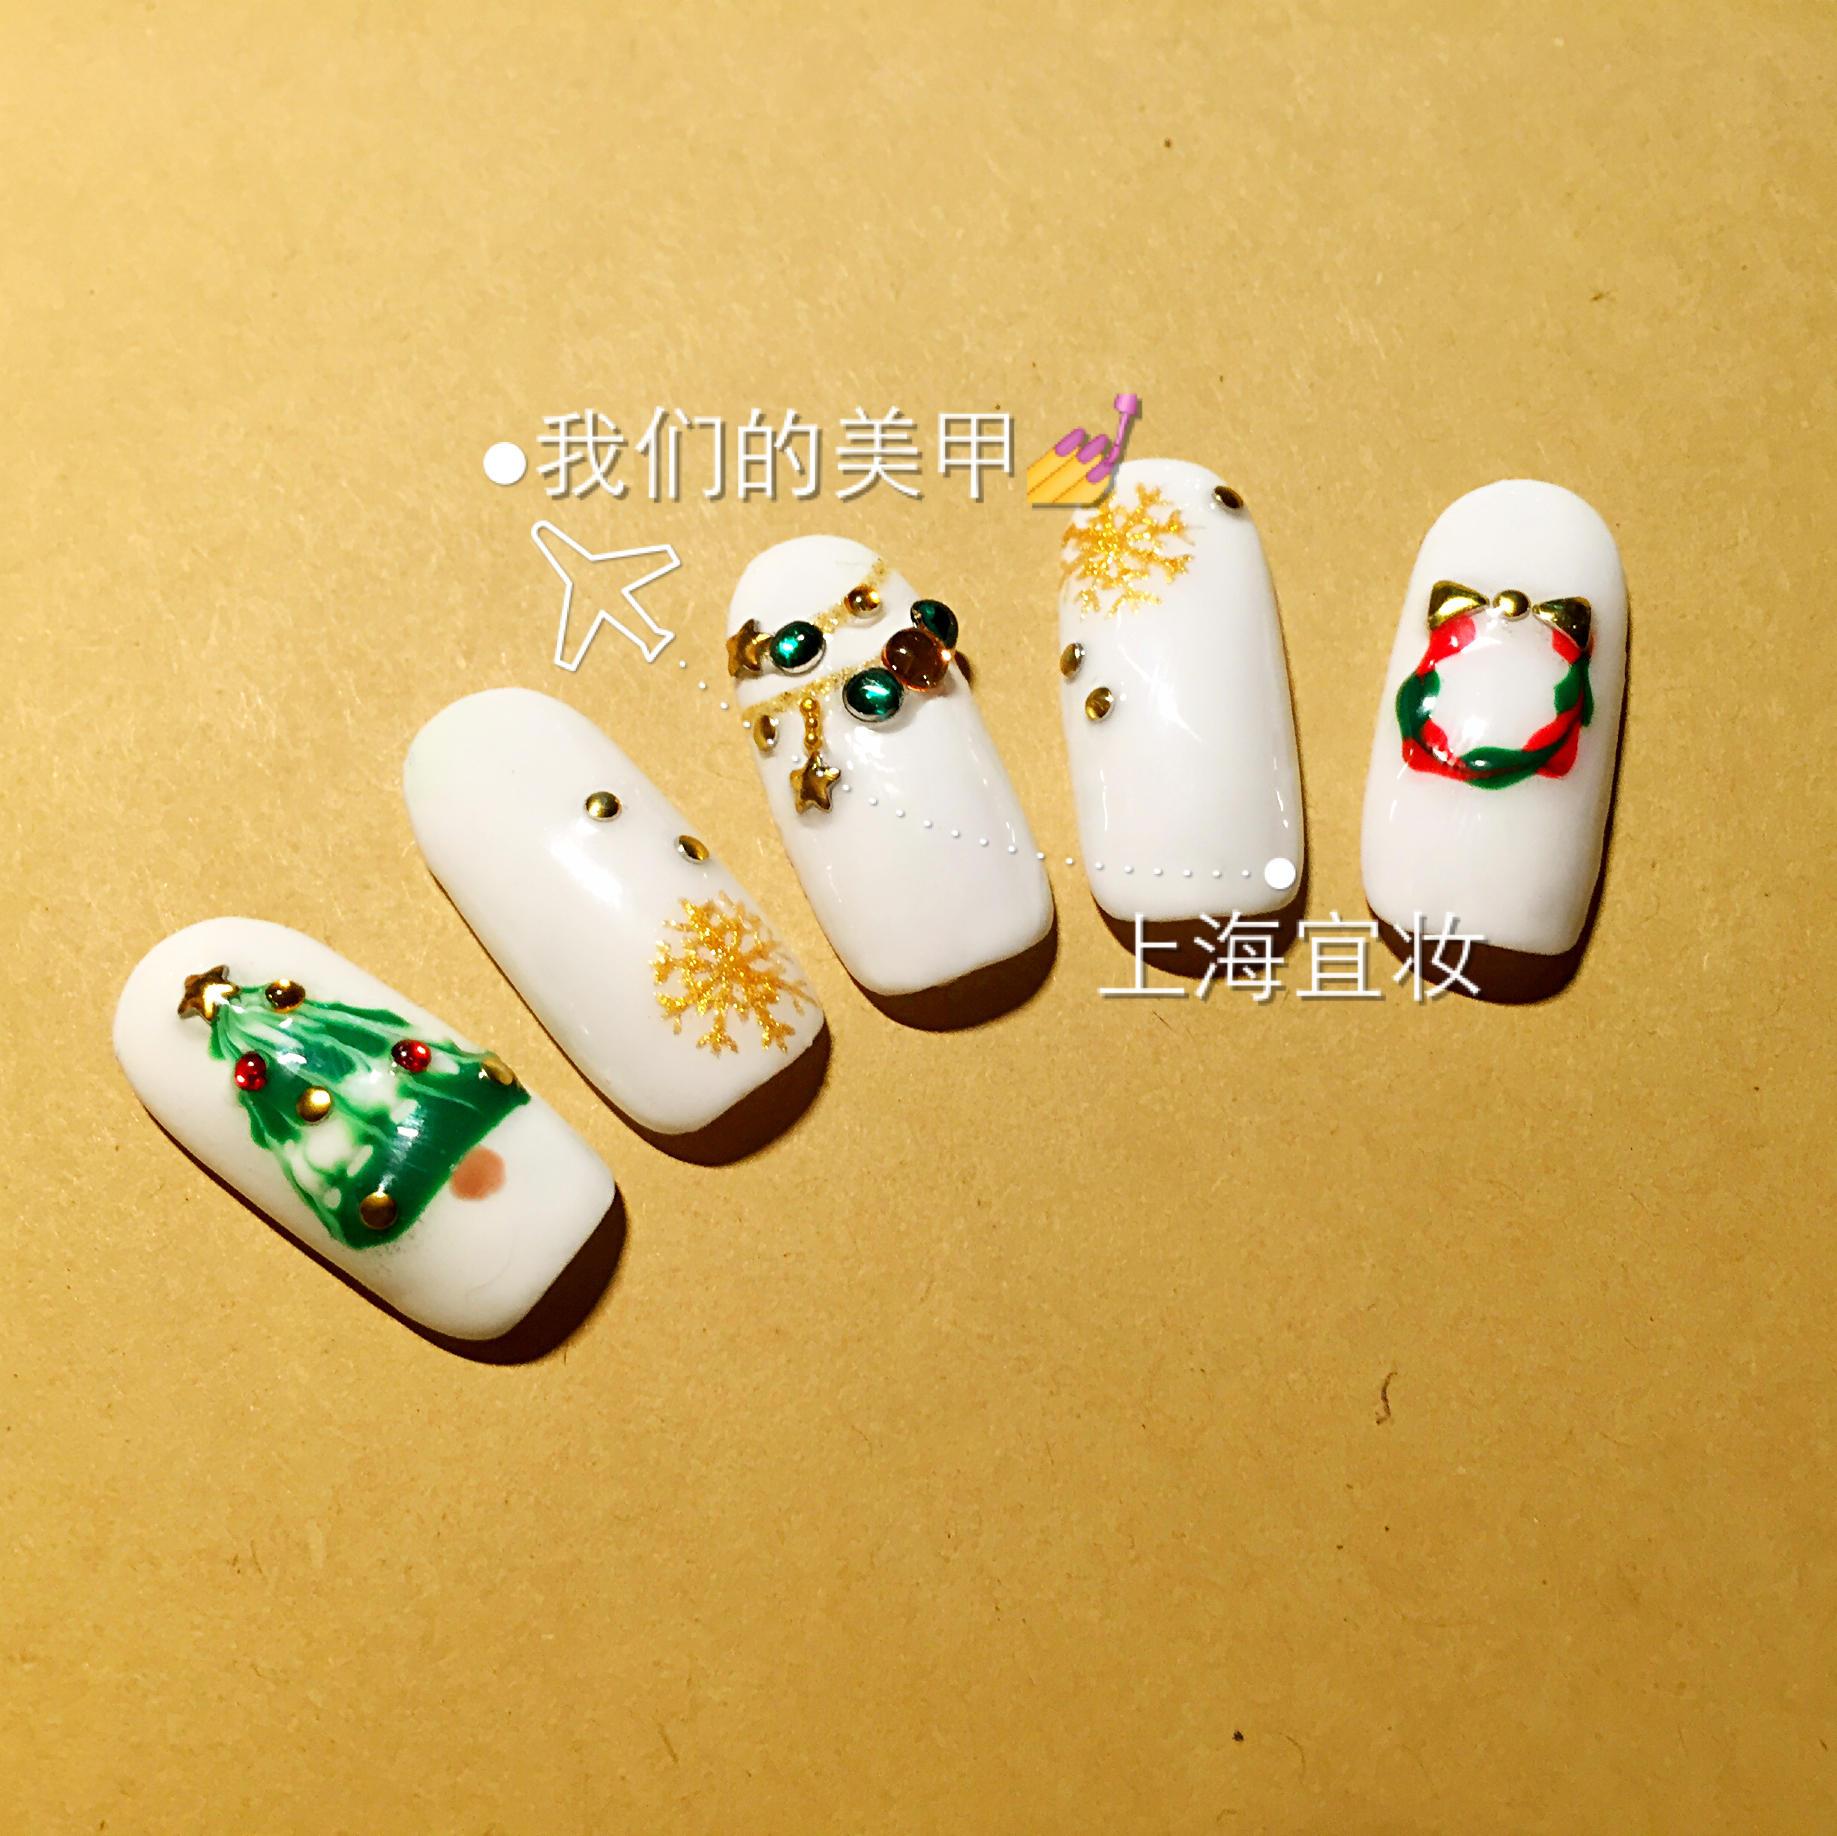 美甲发帖图IMG_0118.JPG